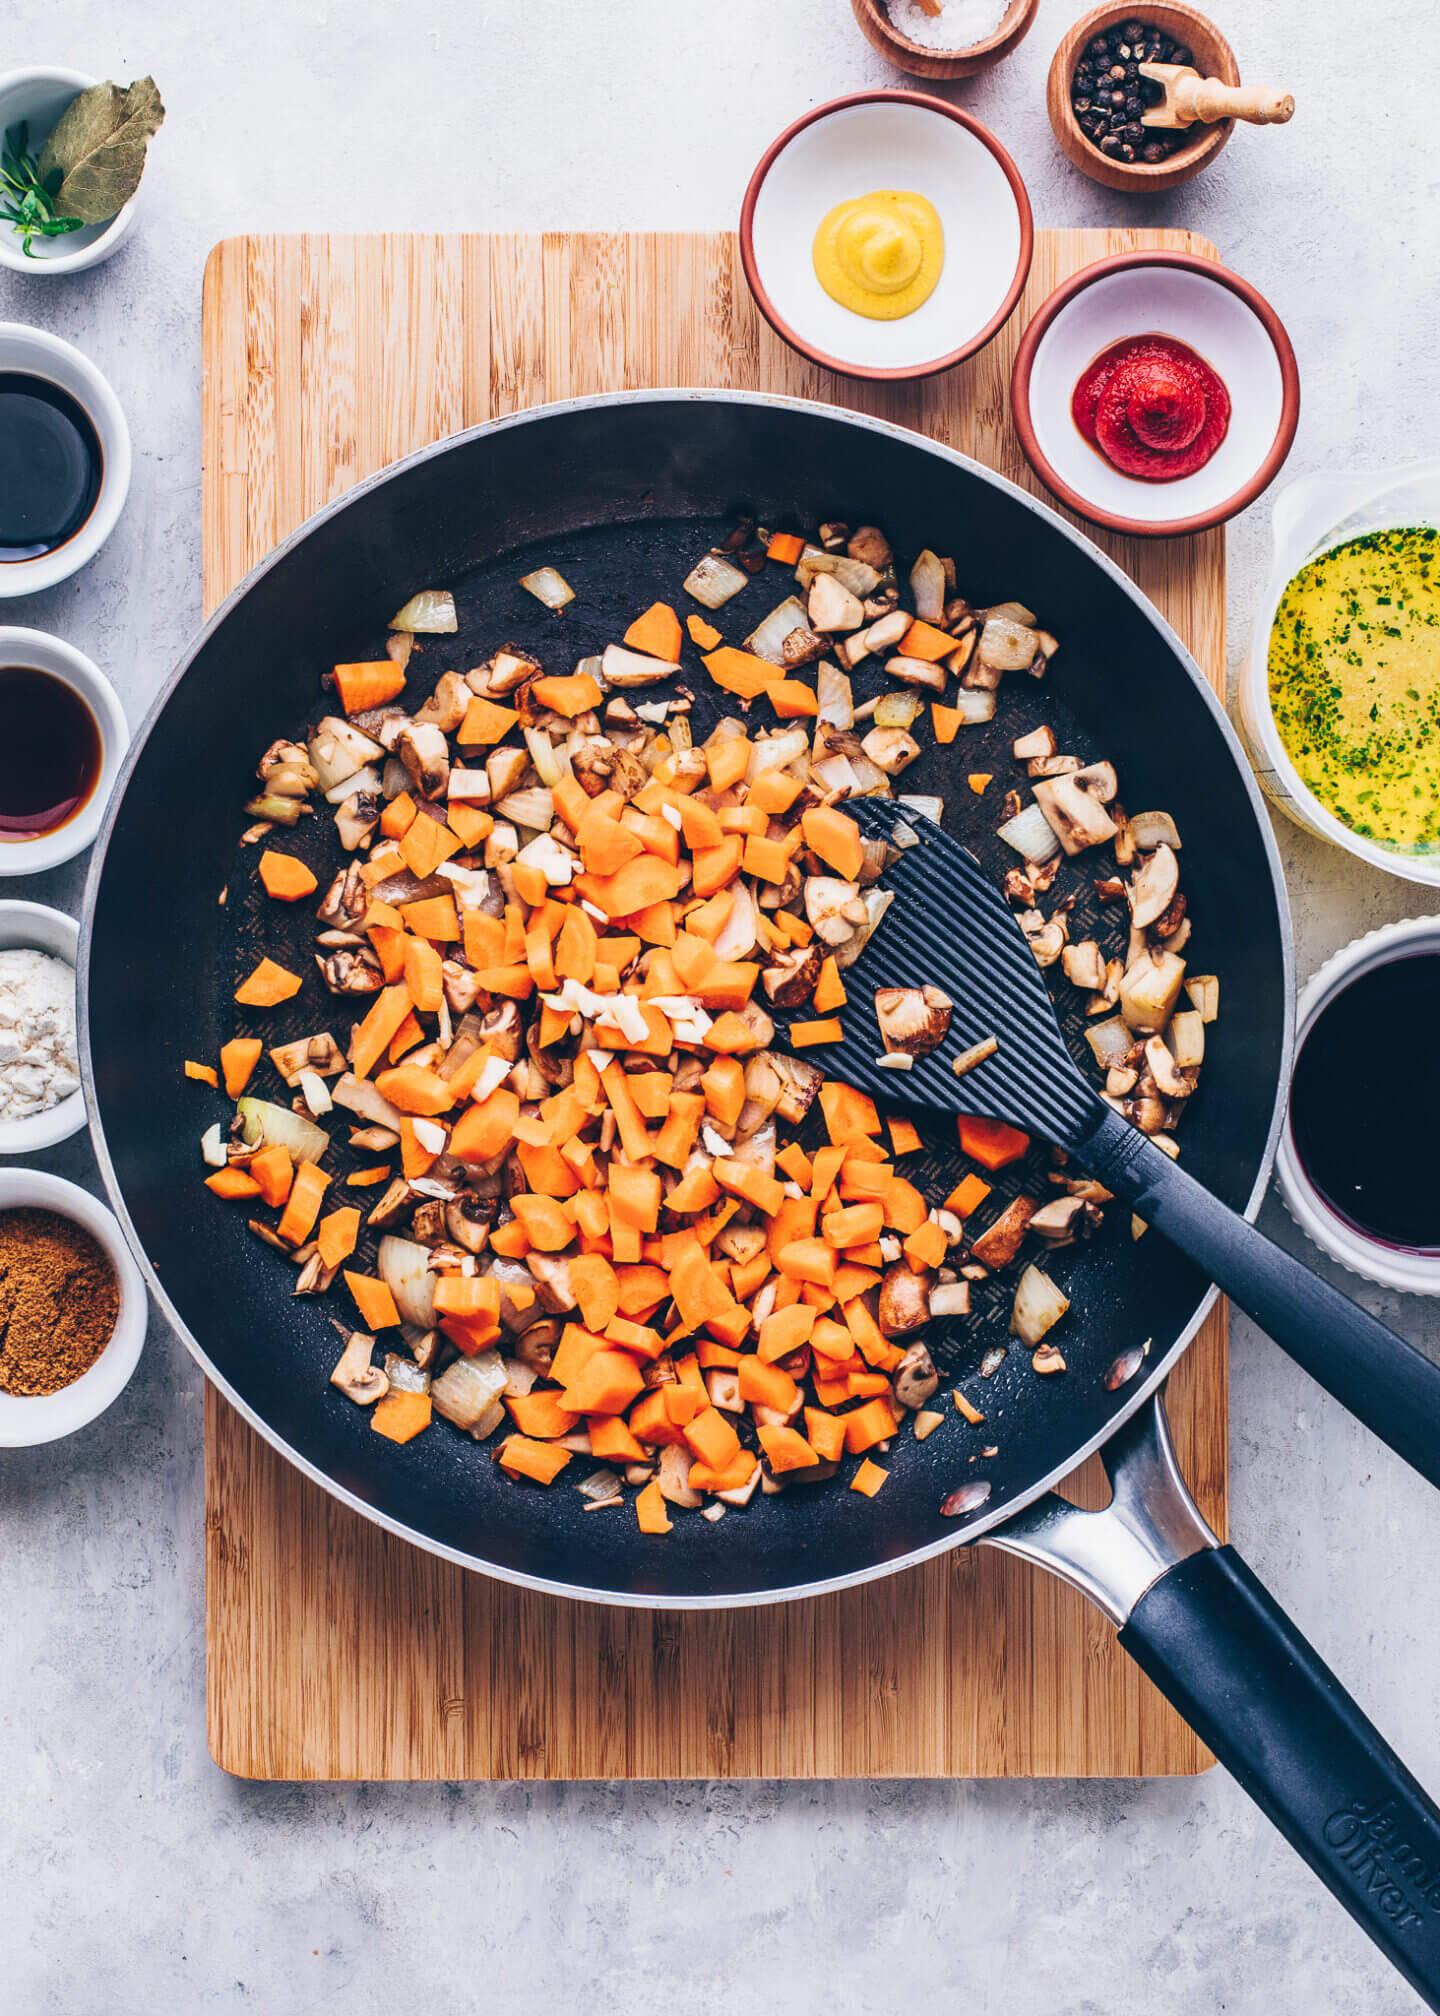 Vegane Bratensosse selber machen Schritt-für-Schritt